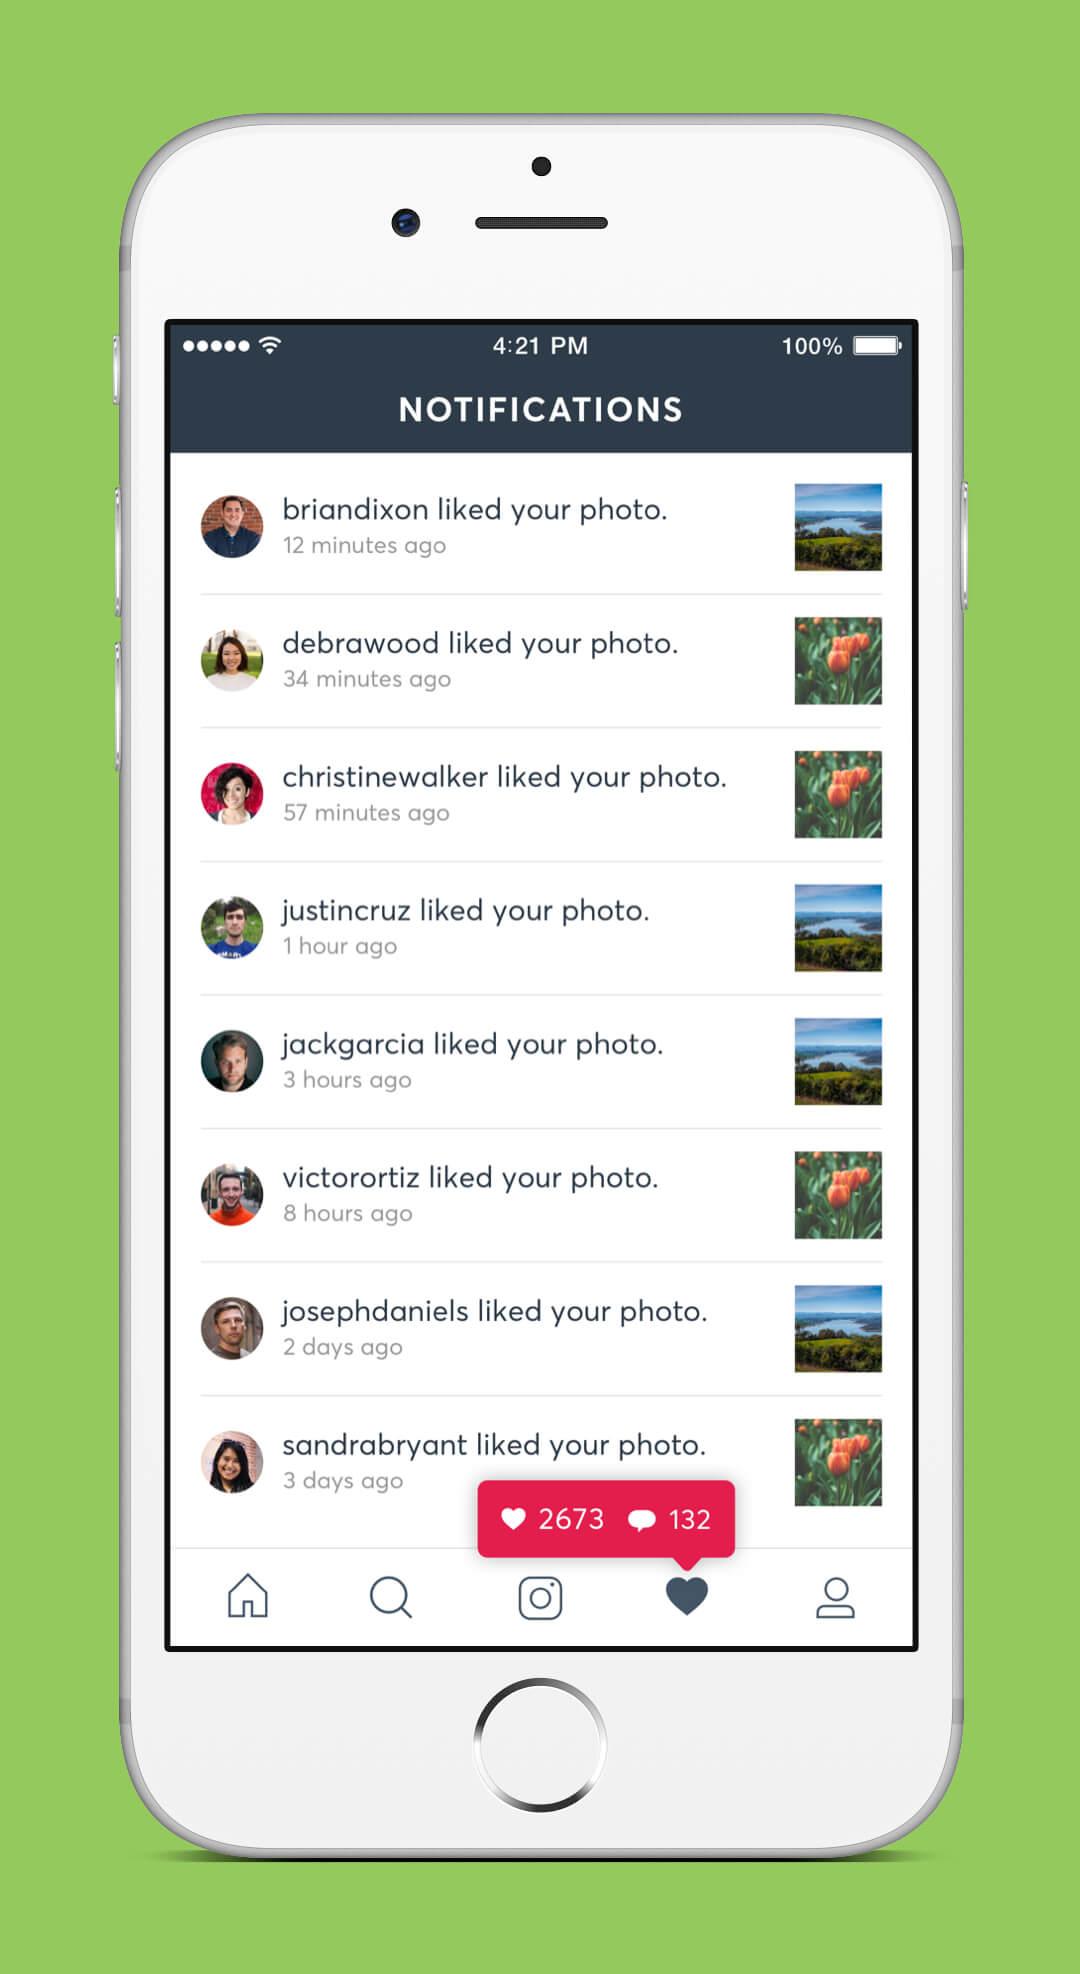 Instagram Redesign - Notifications Screen